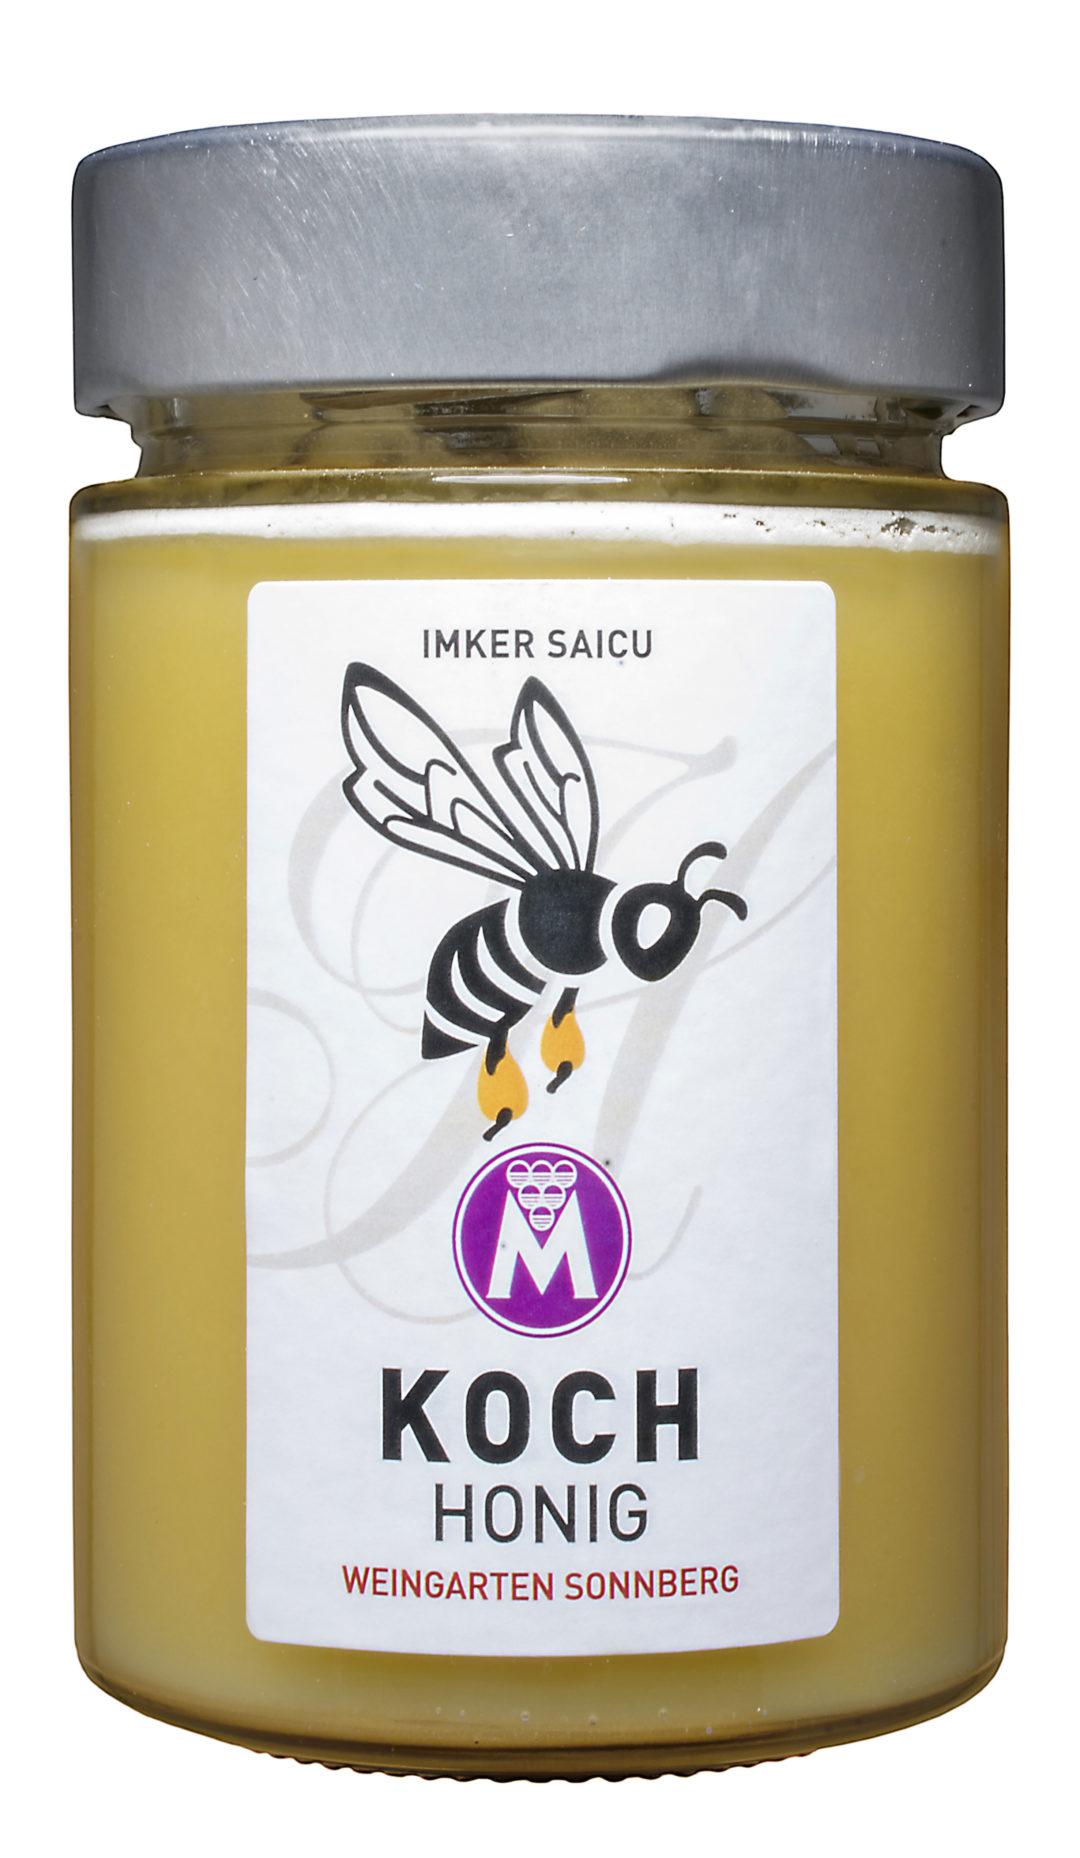 Koch Honig